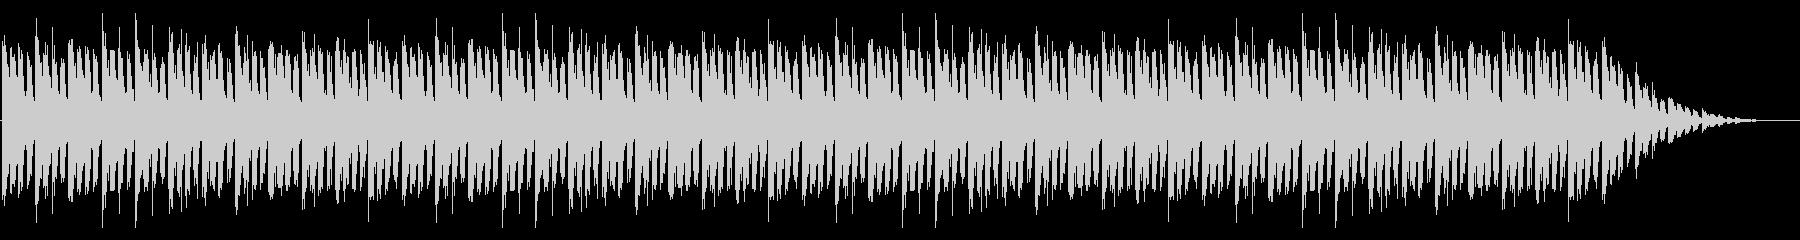 GB風シューティングのタイトル曲の未再生の波形